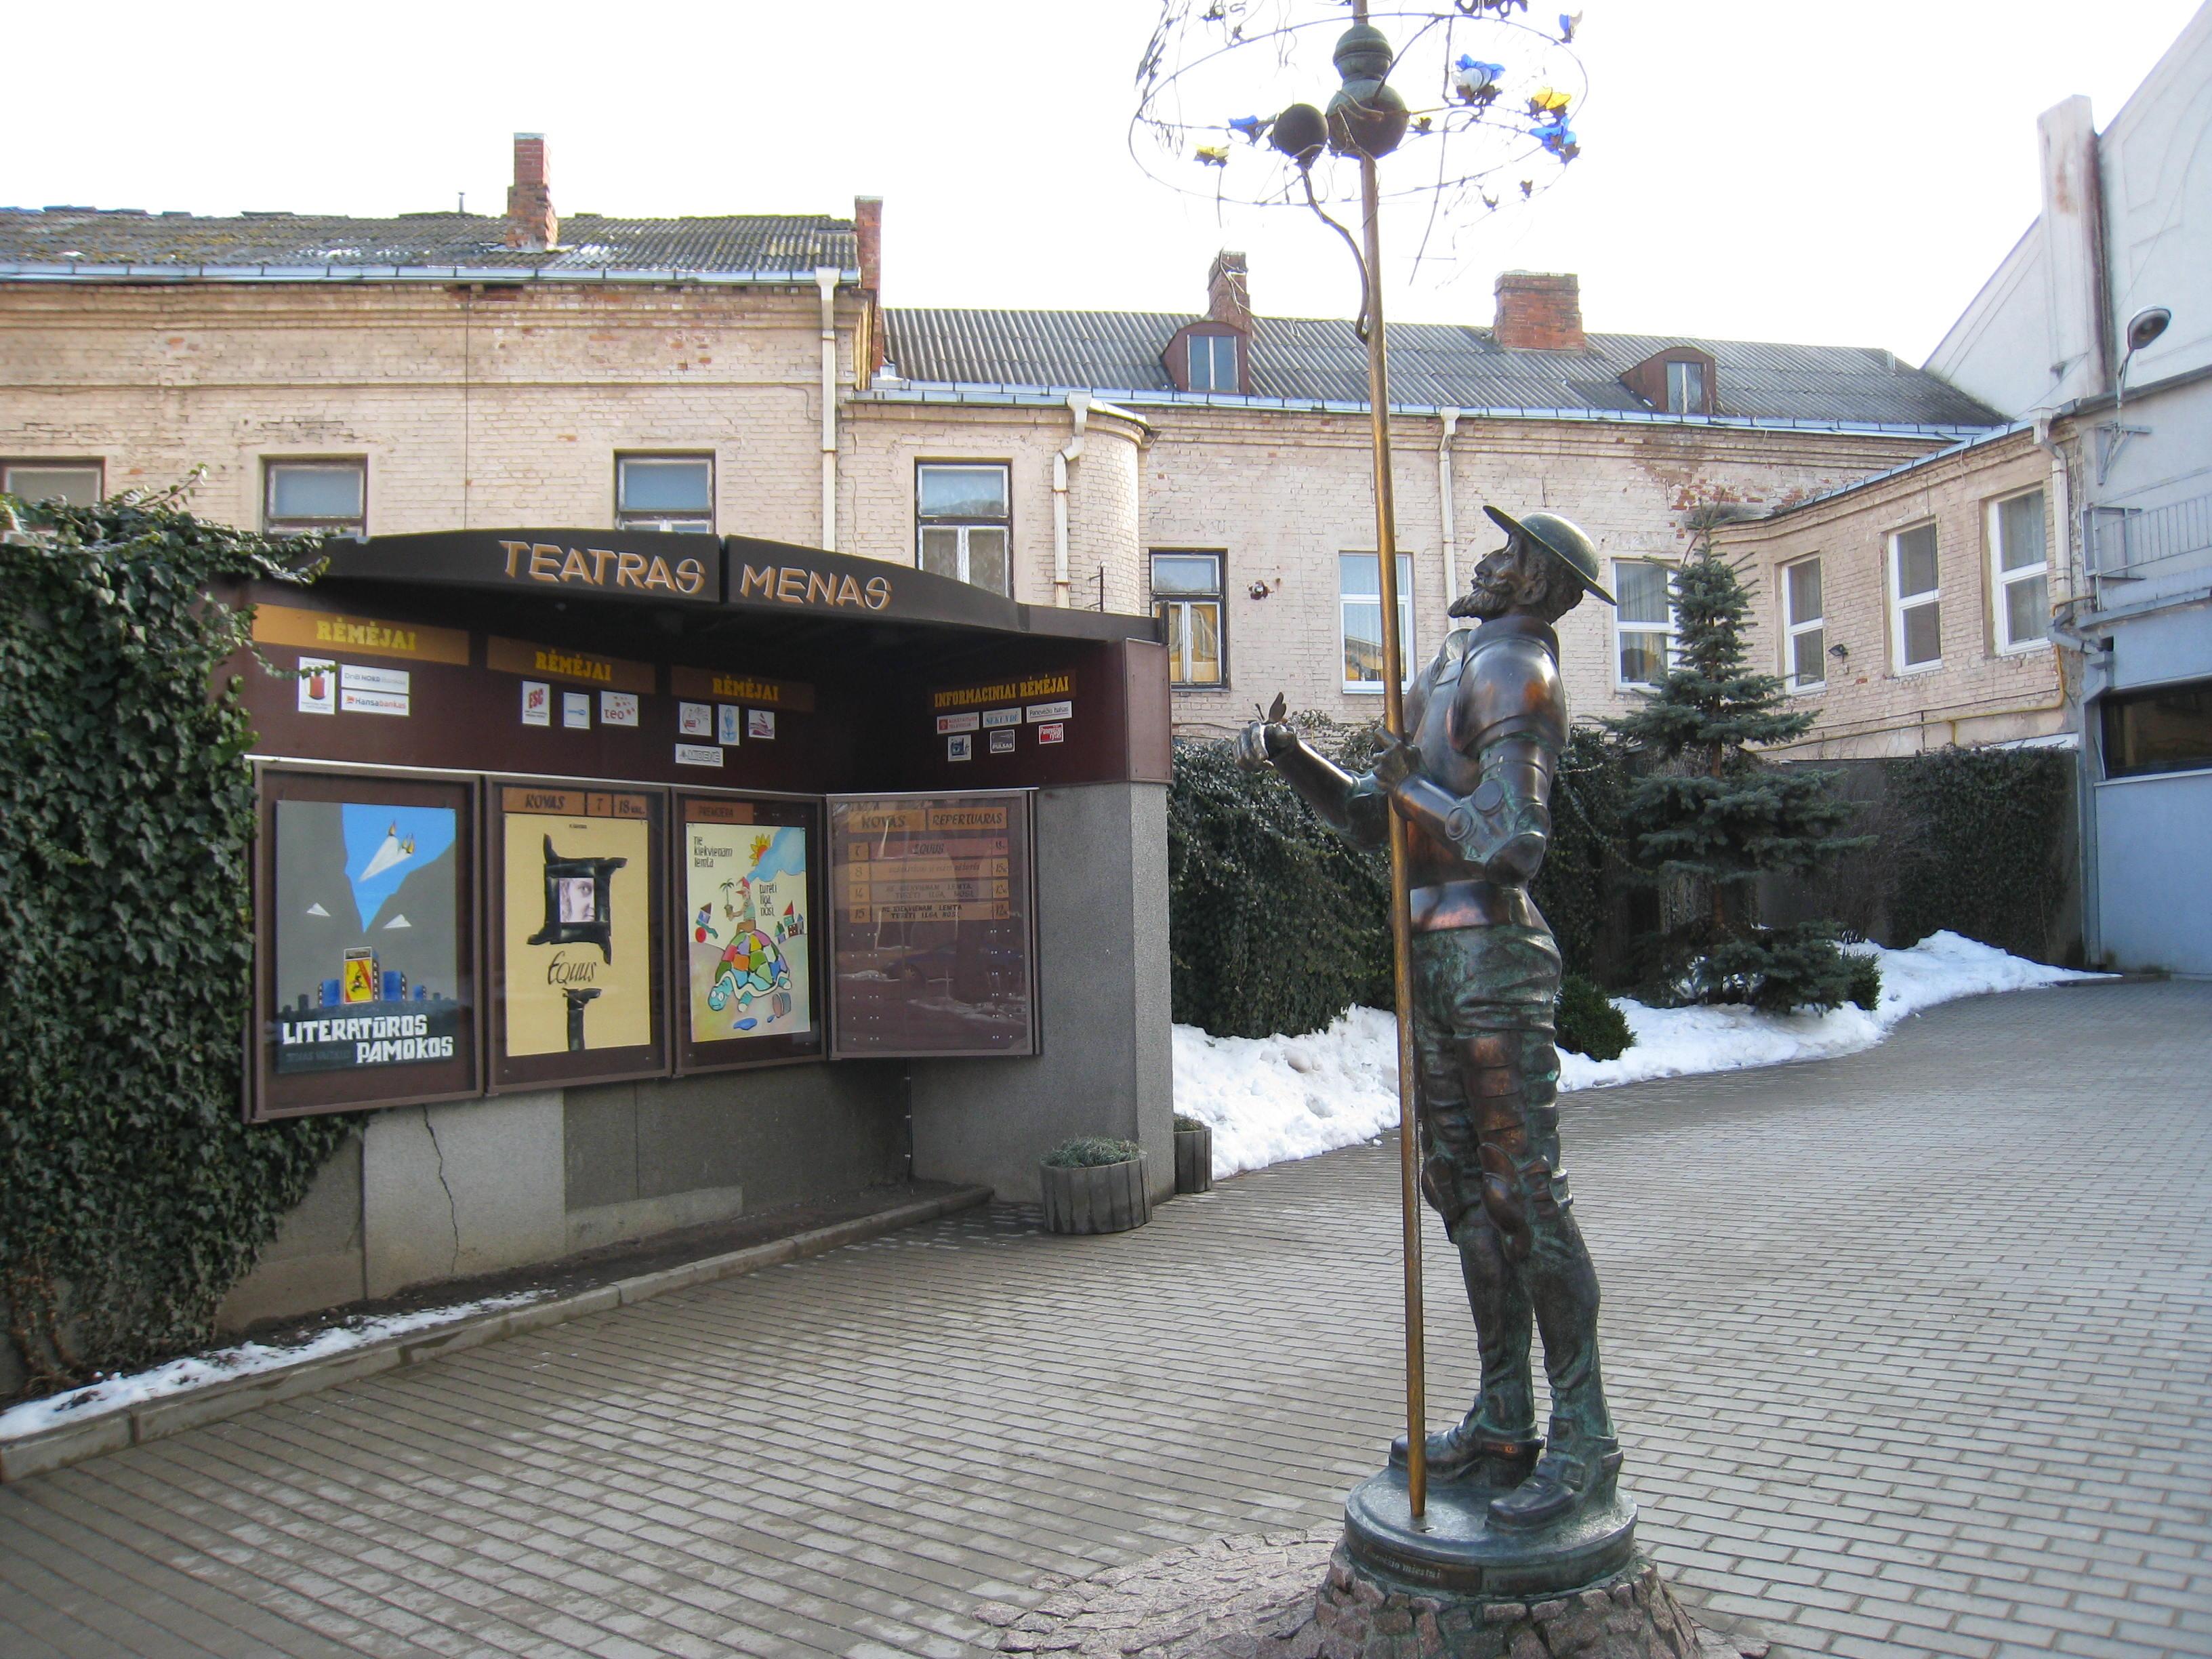 Panevėžio teatras menas